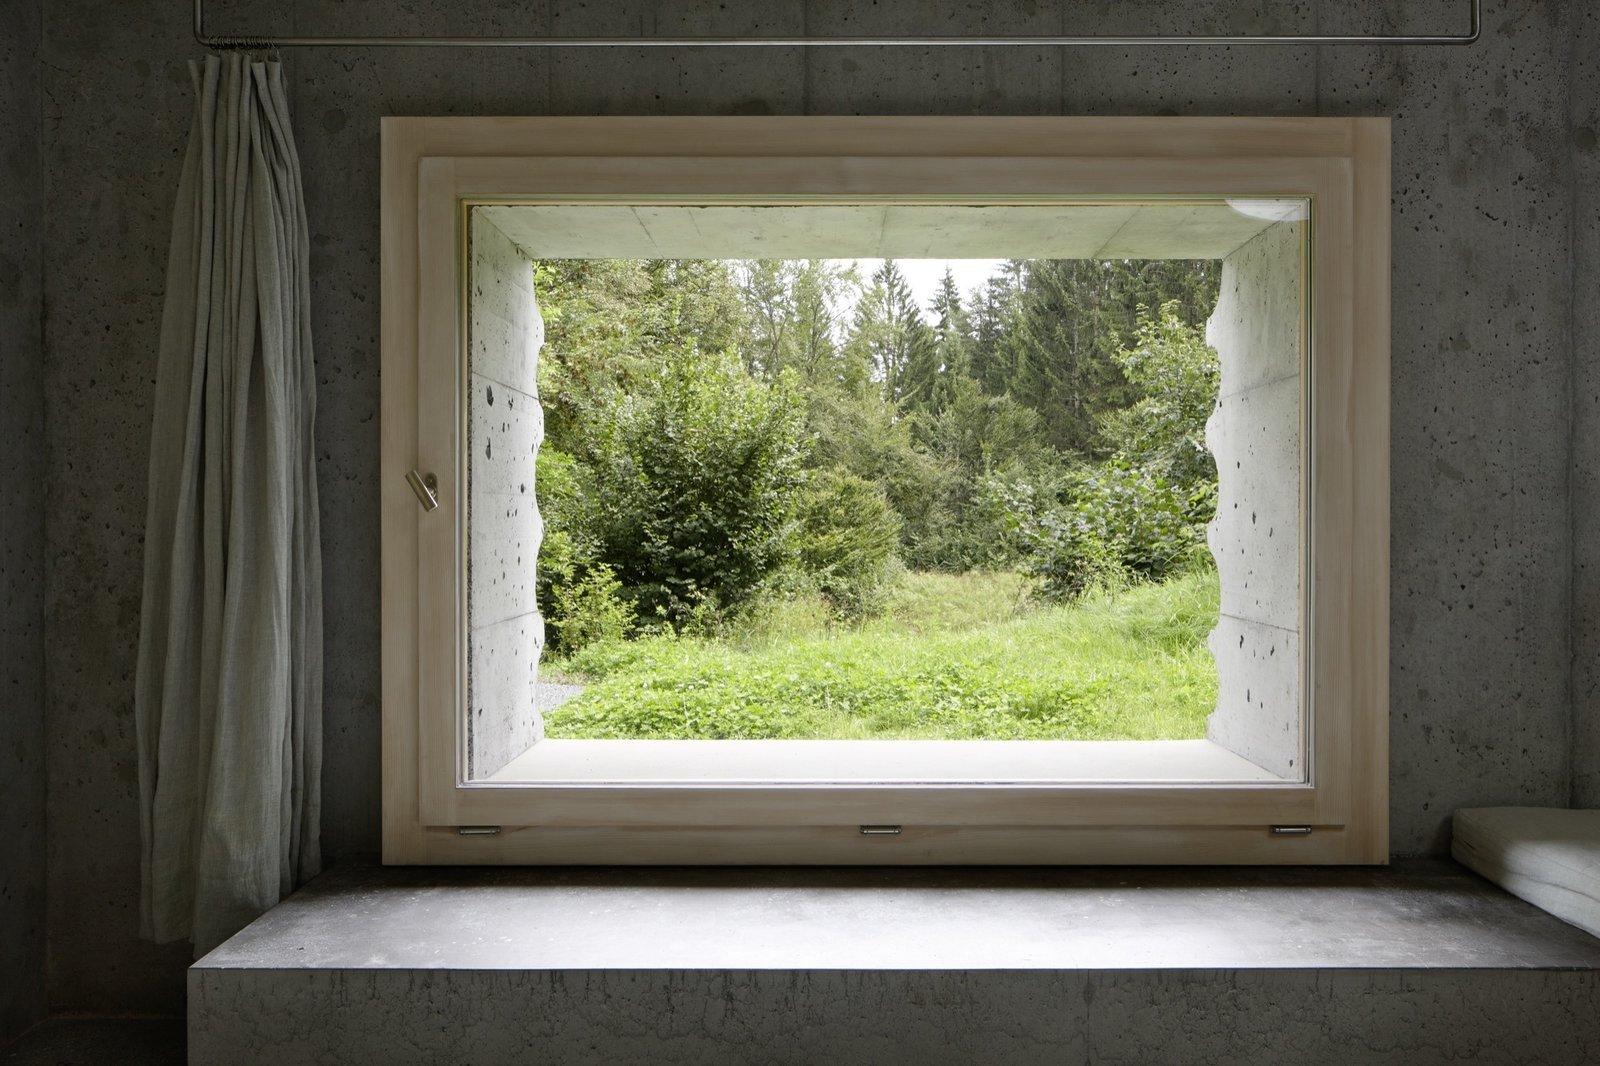 #alpinemodern #design #lifestyle #modern #elevatedliving #quiestdesign #refugeinconcrete #concrete   Photo courtesy of Ralph Feiner